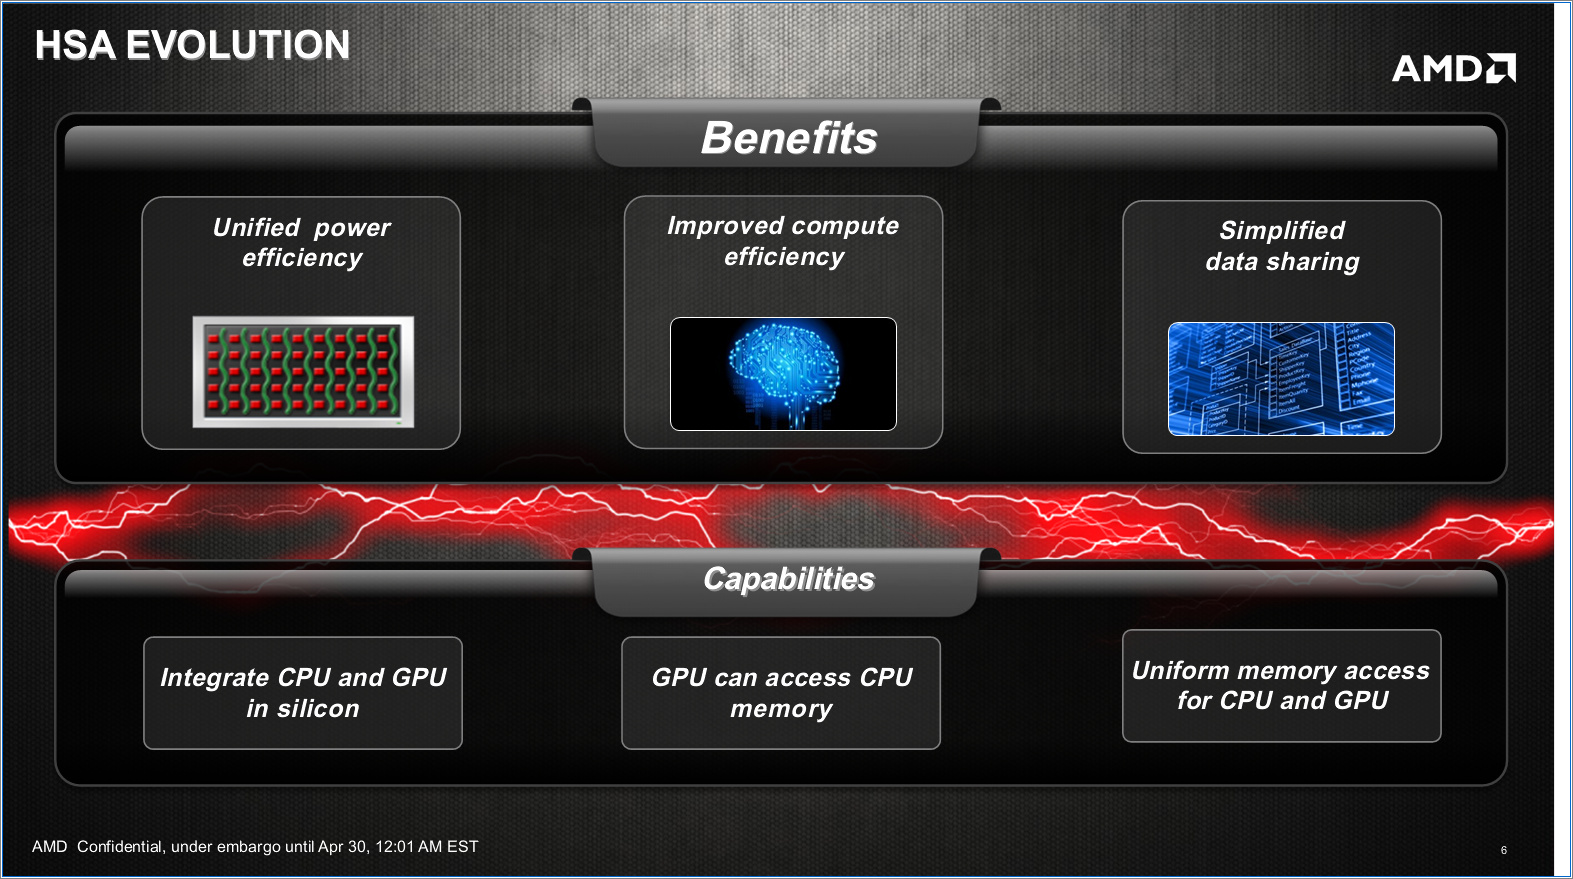 Huma: Gemeinsamer Speicher für CPU und GPU nicht nur für PS4 - Die Idee der HSA von AMD lebt weiter.